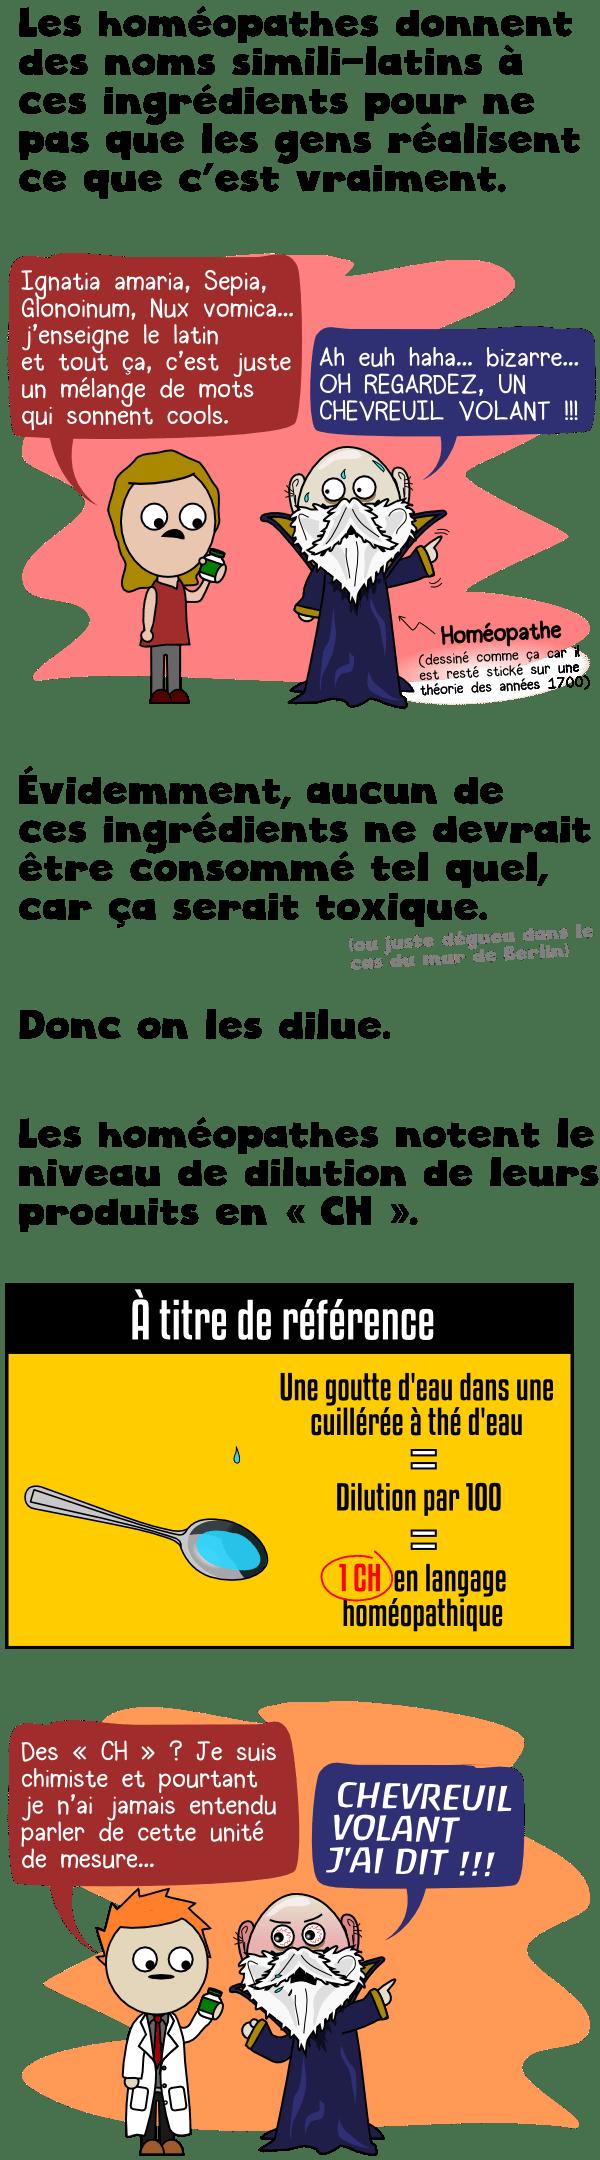 Faux noms latins et dilutions en CH